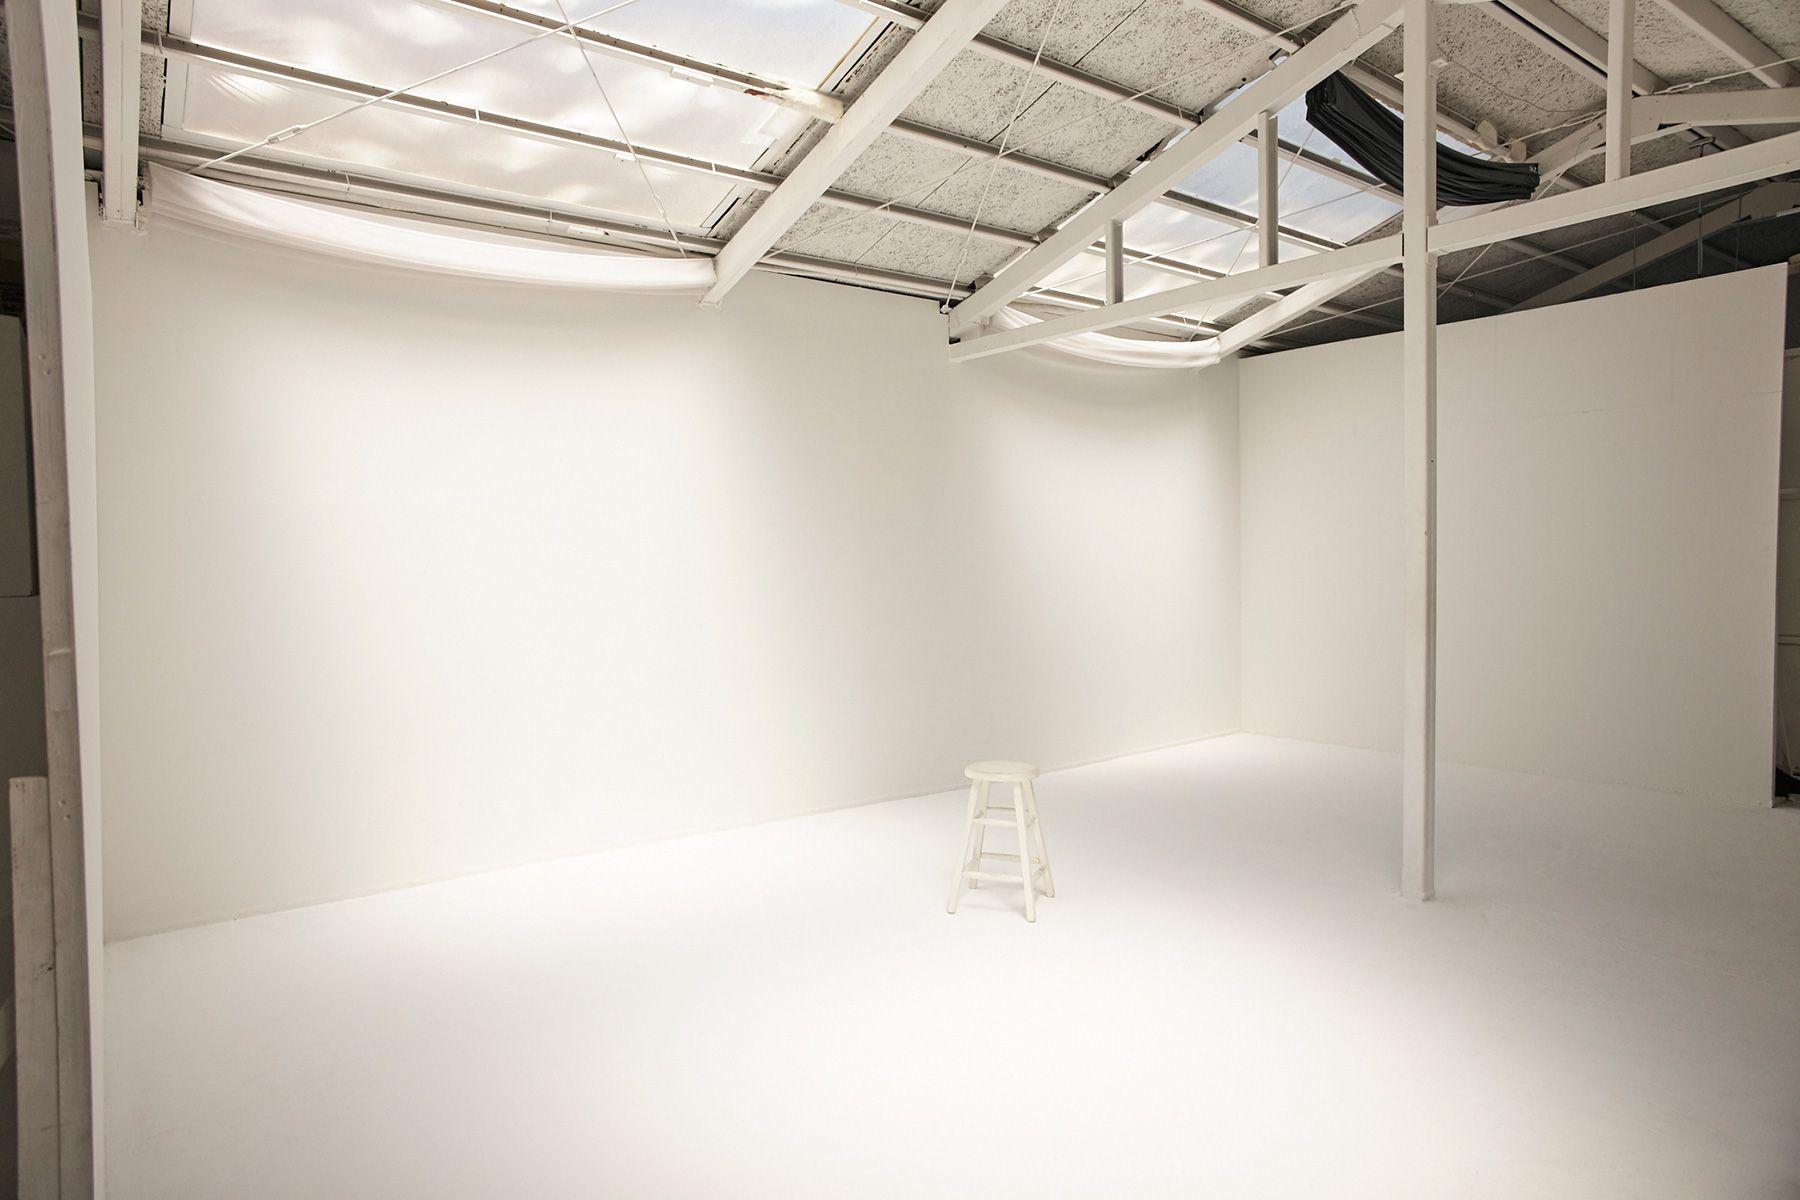 STUDIO MAU(スタジオ マウ)黒幕で遮光も可能